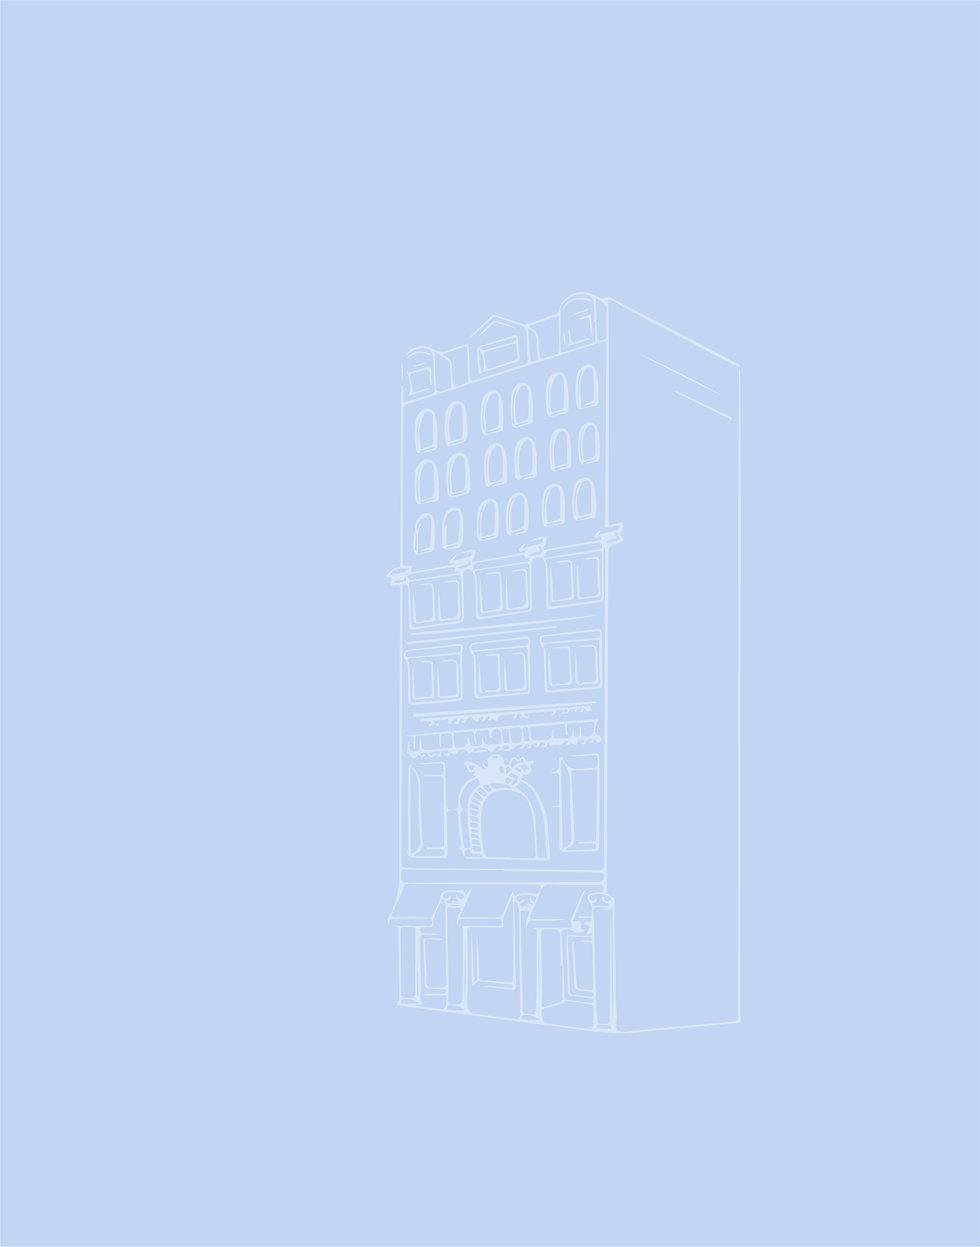 white blue building wix bg.jpg